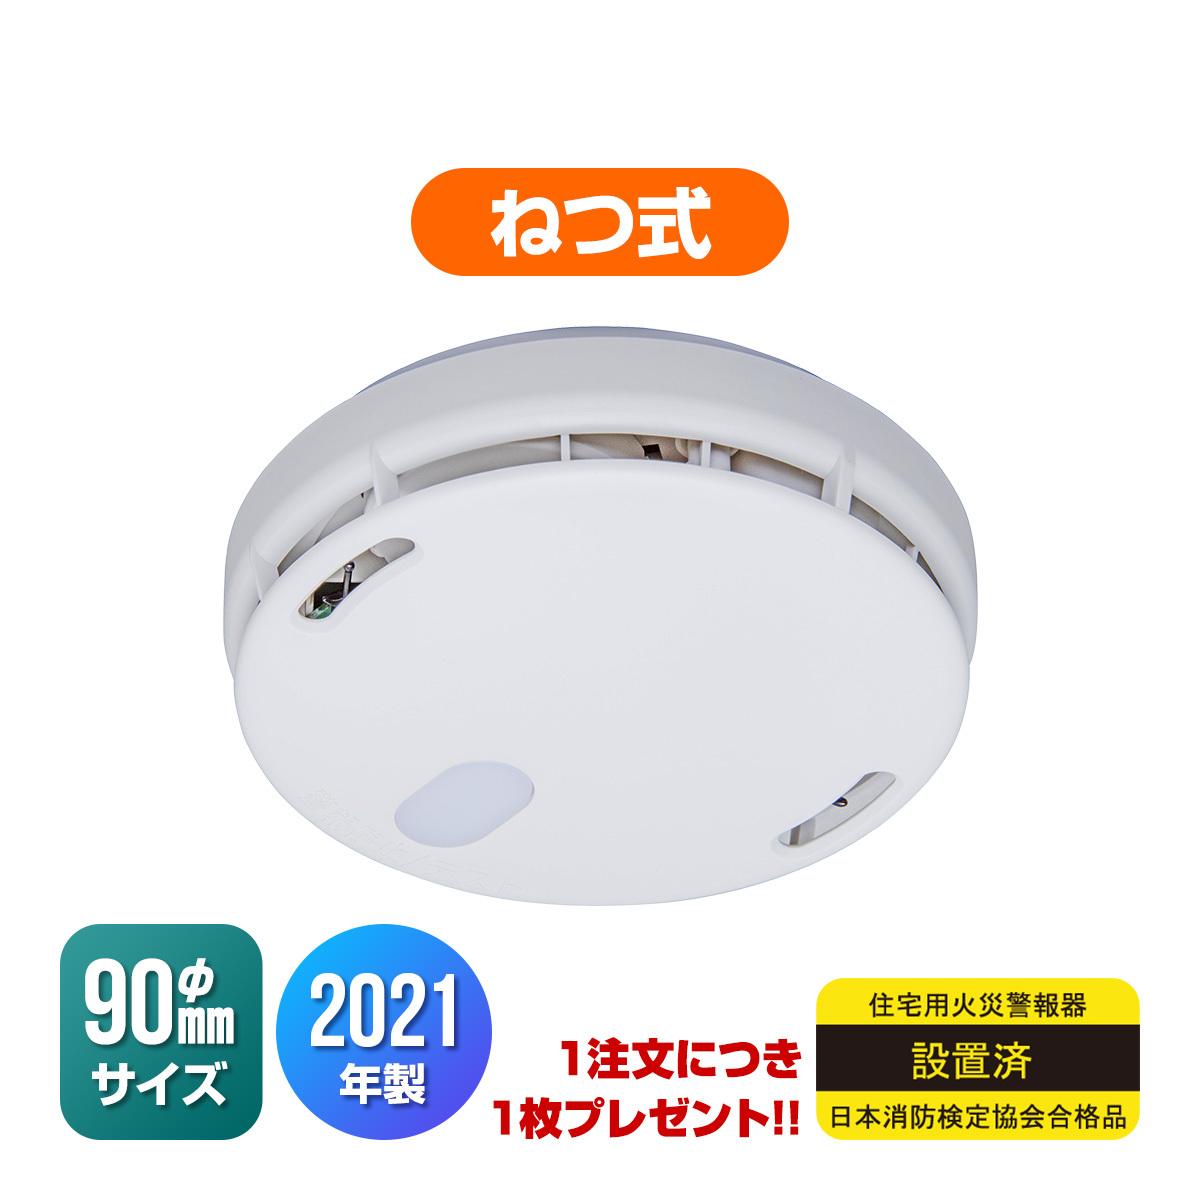 能美防災 住宅用火災警報器まもるくん 熱式 FSLJ015-B-N 90ミリサイズ 単独型 電池式 音声式 報知器